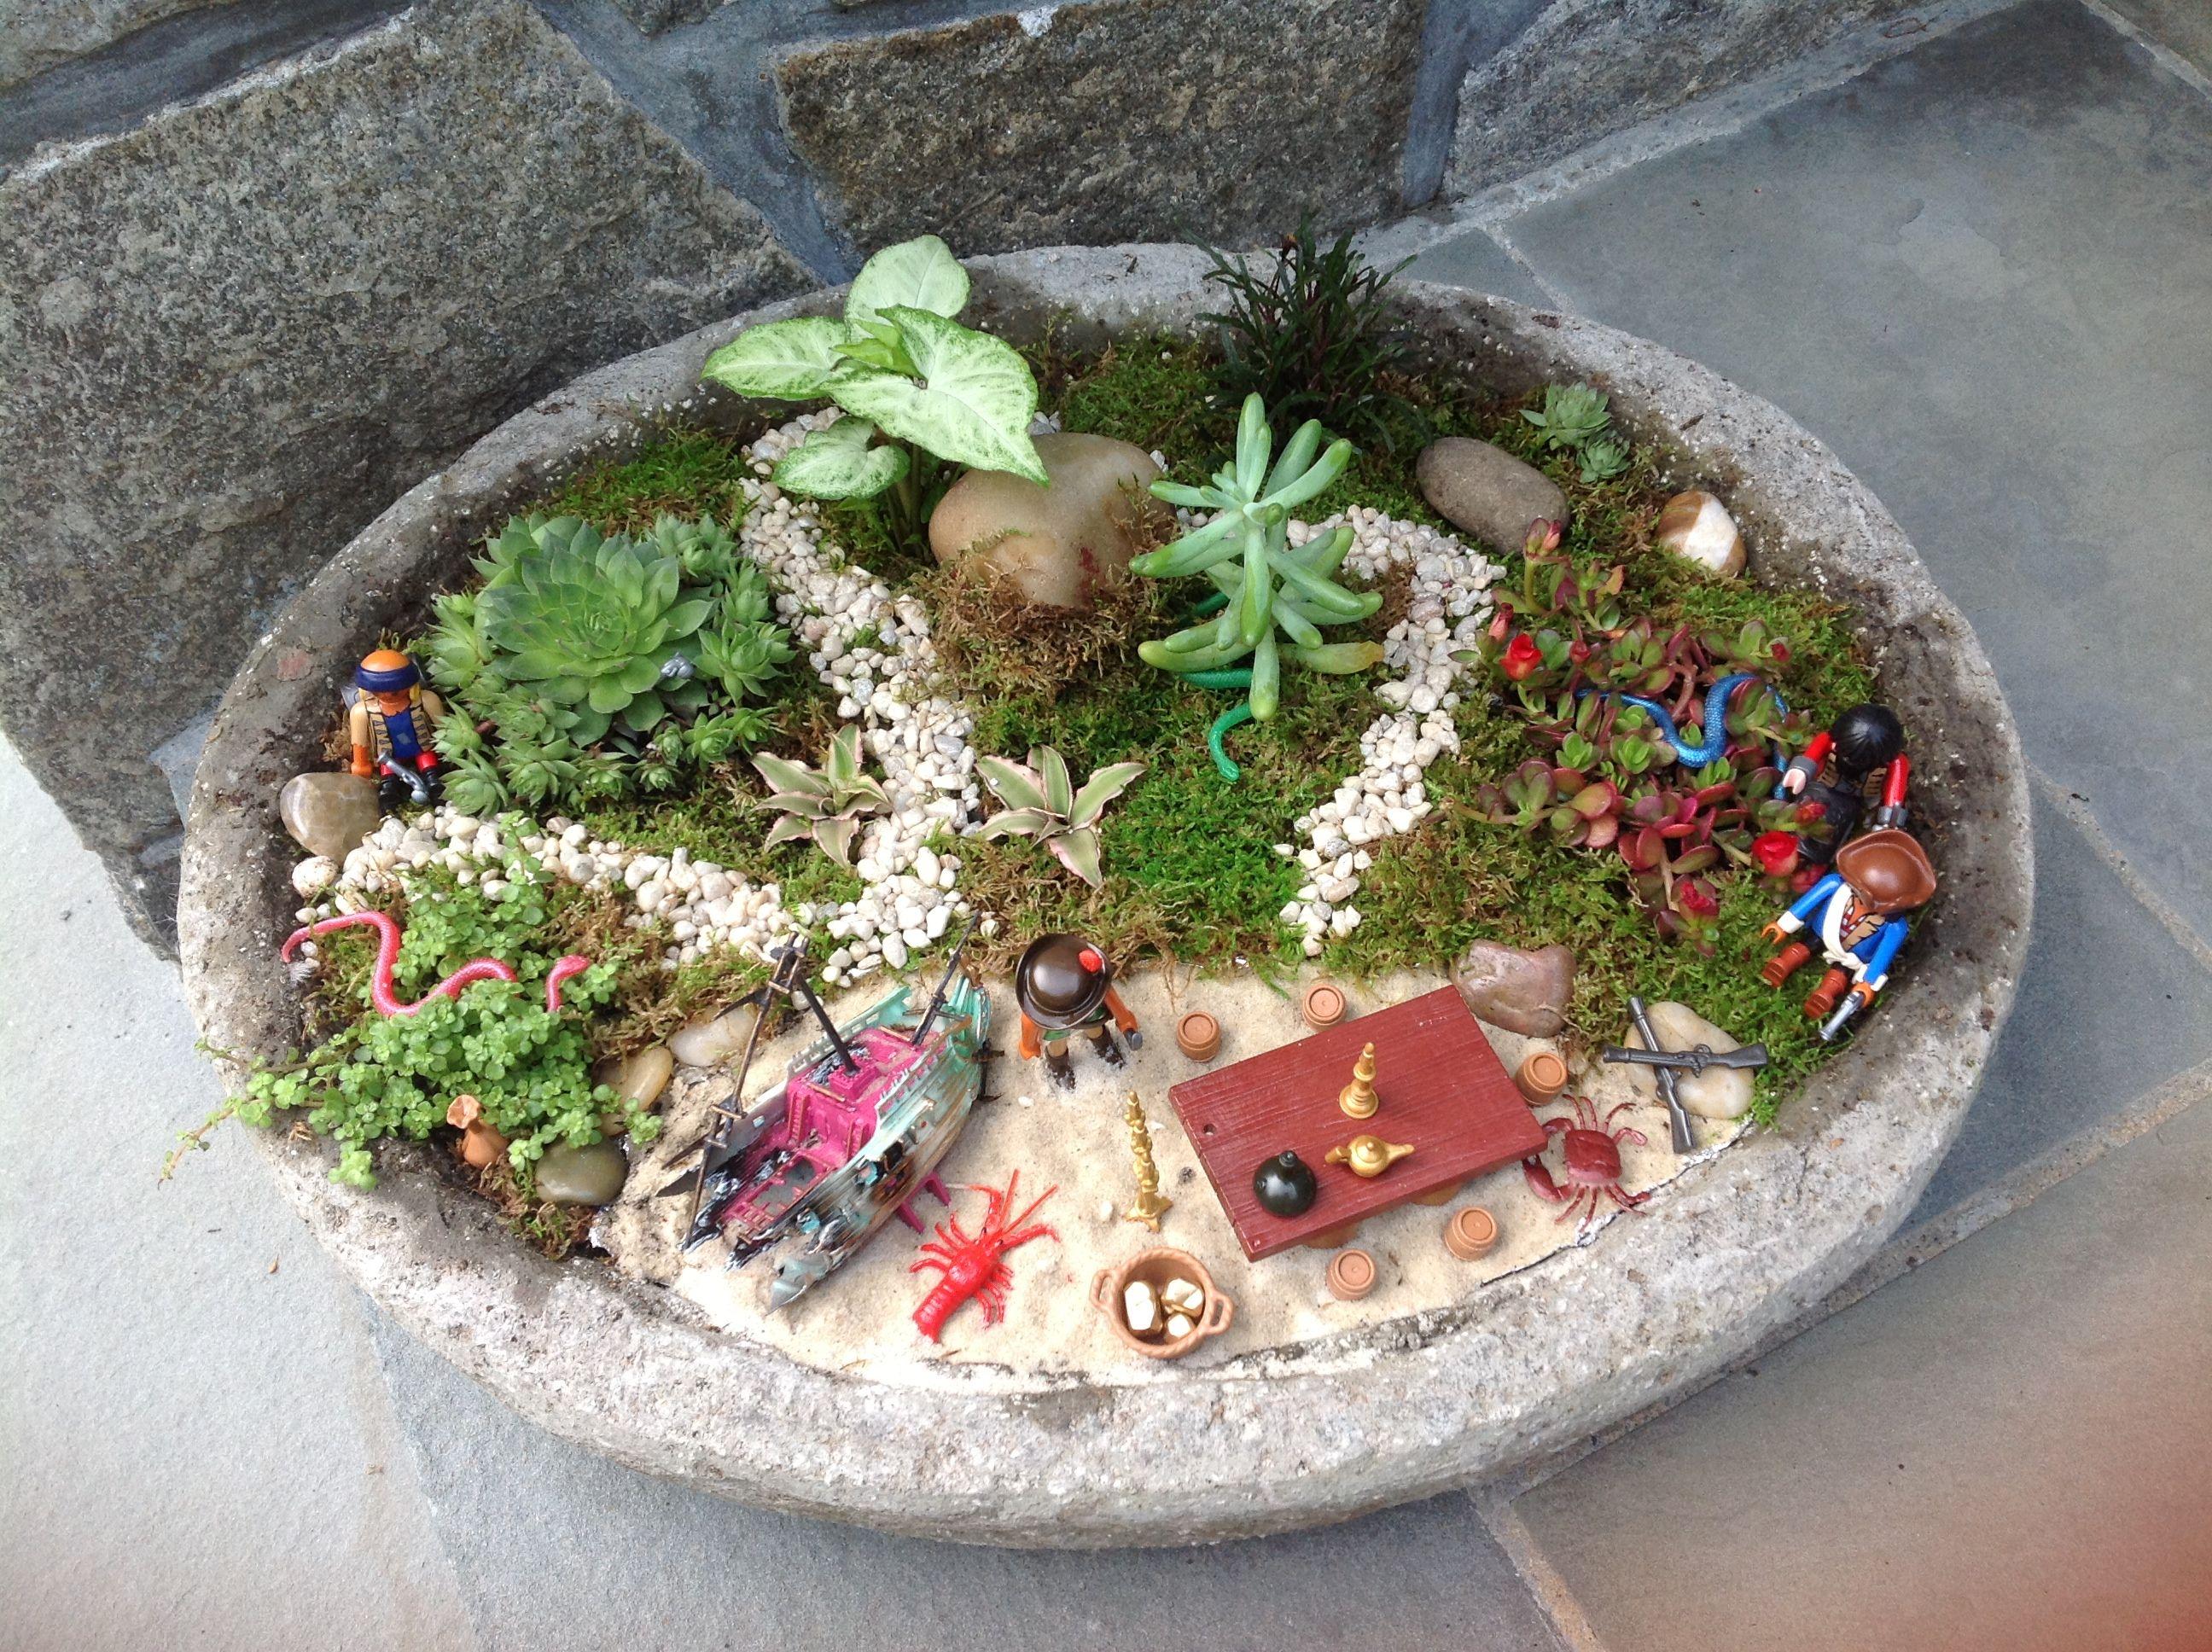 Fairy garden for boys!! Pirate theme | Kids | Pinterest | Pirate theme